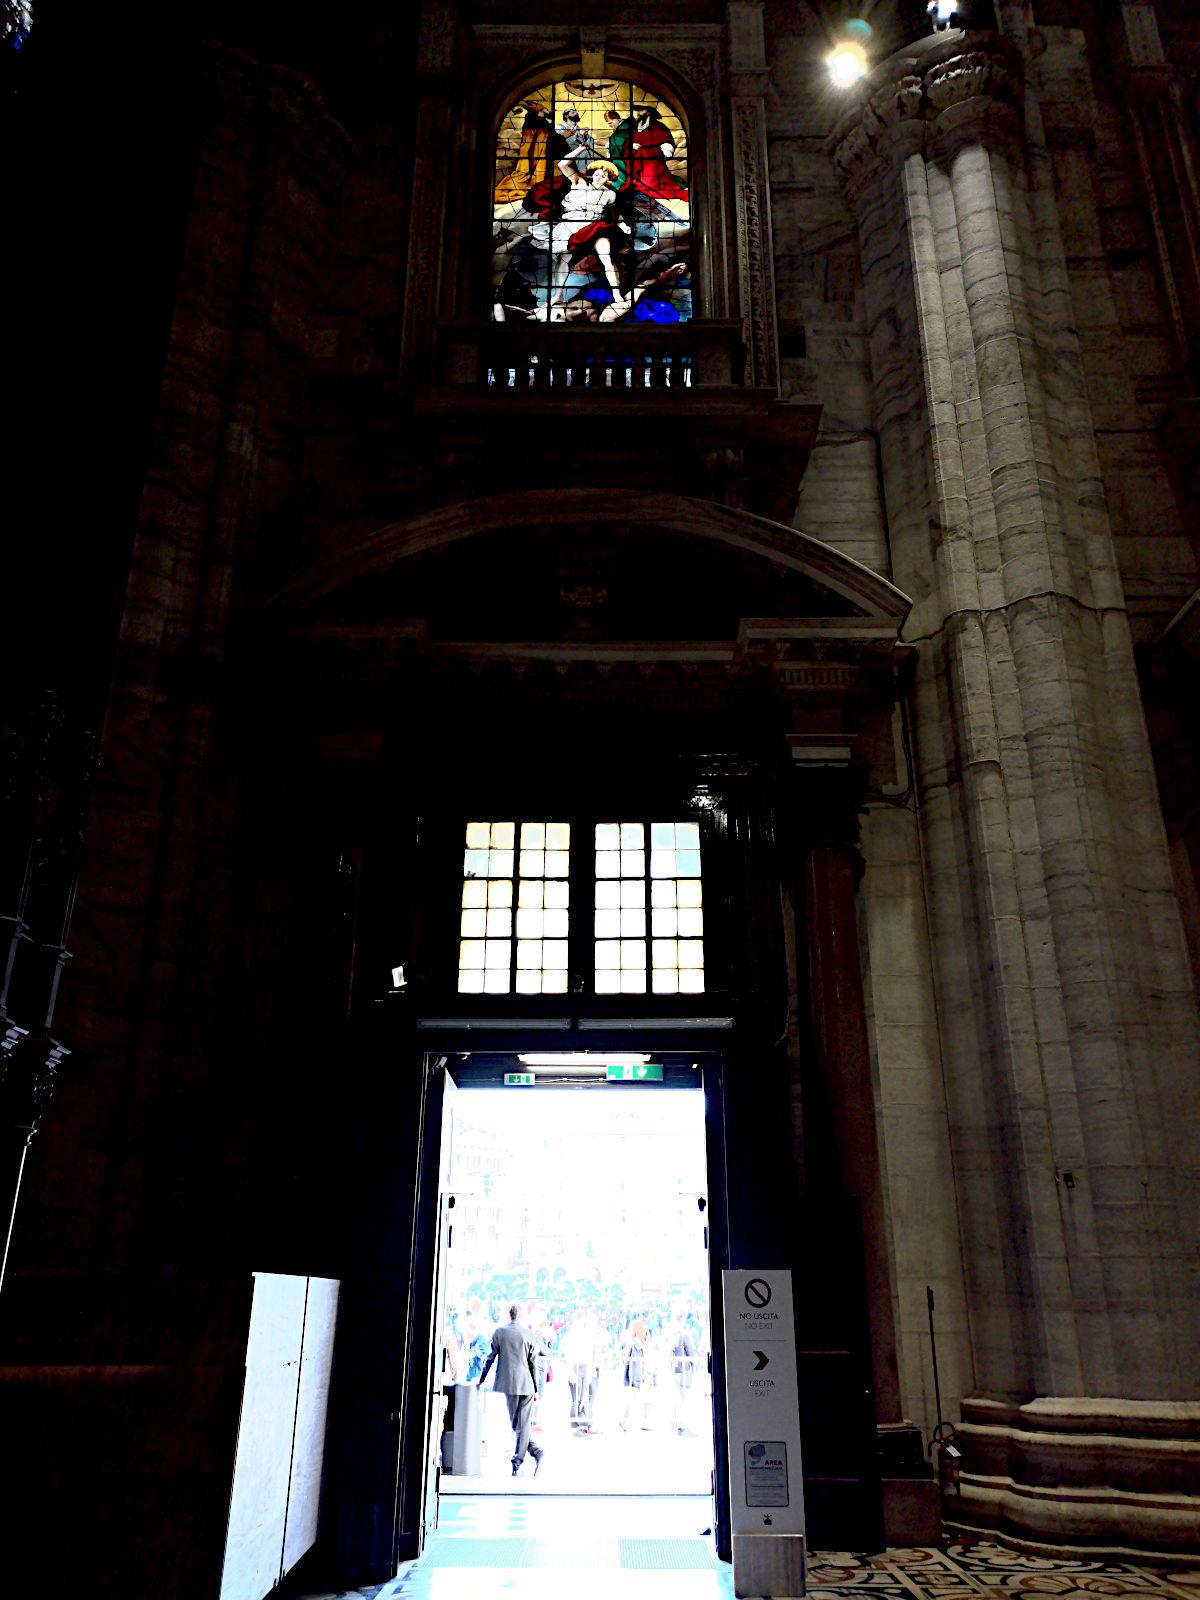 Das gleißende Licht drängte durch die Türen des im inneren dunklen Doms. (Foto: Ruti)